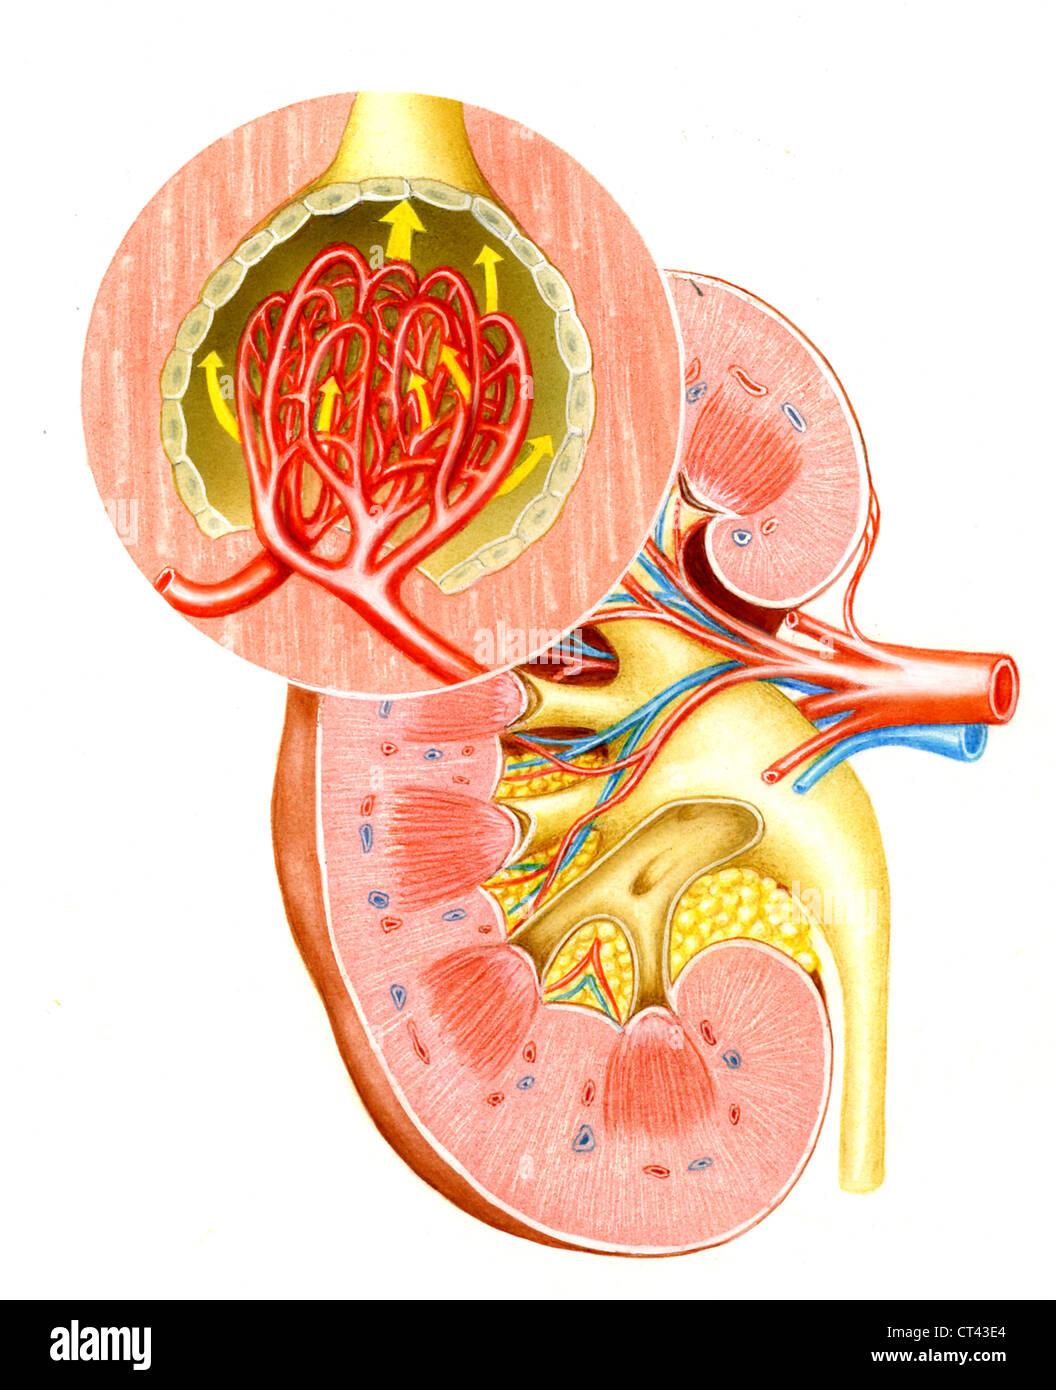 Glomerulus Stock Photos & Glomerulus Stock Images - Alamy